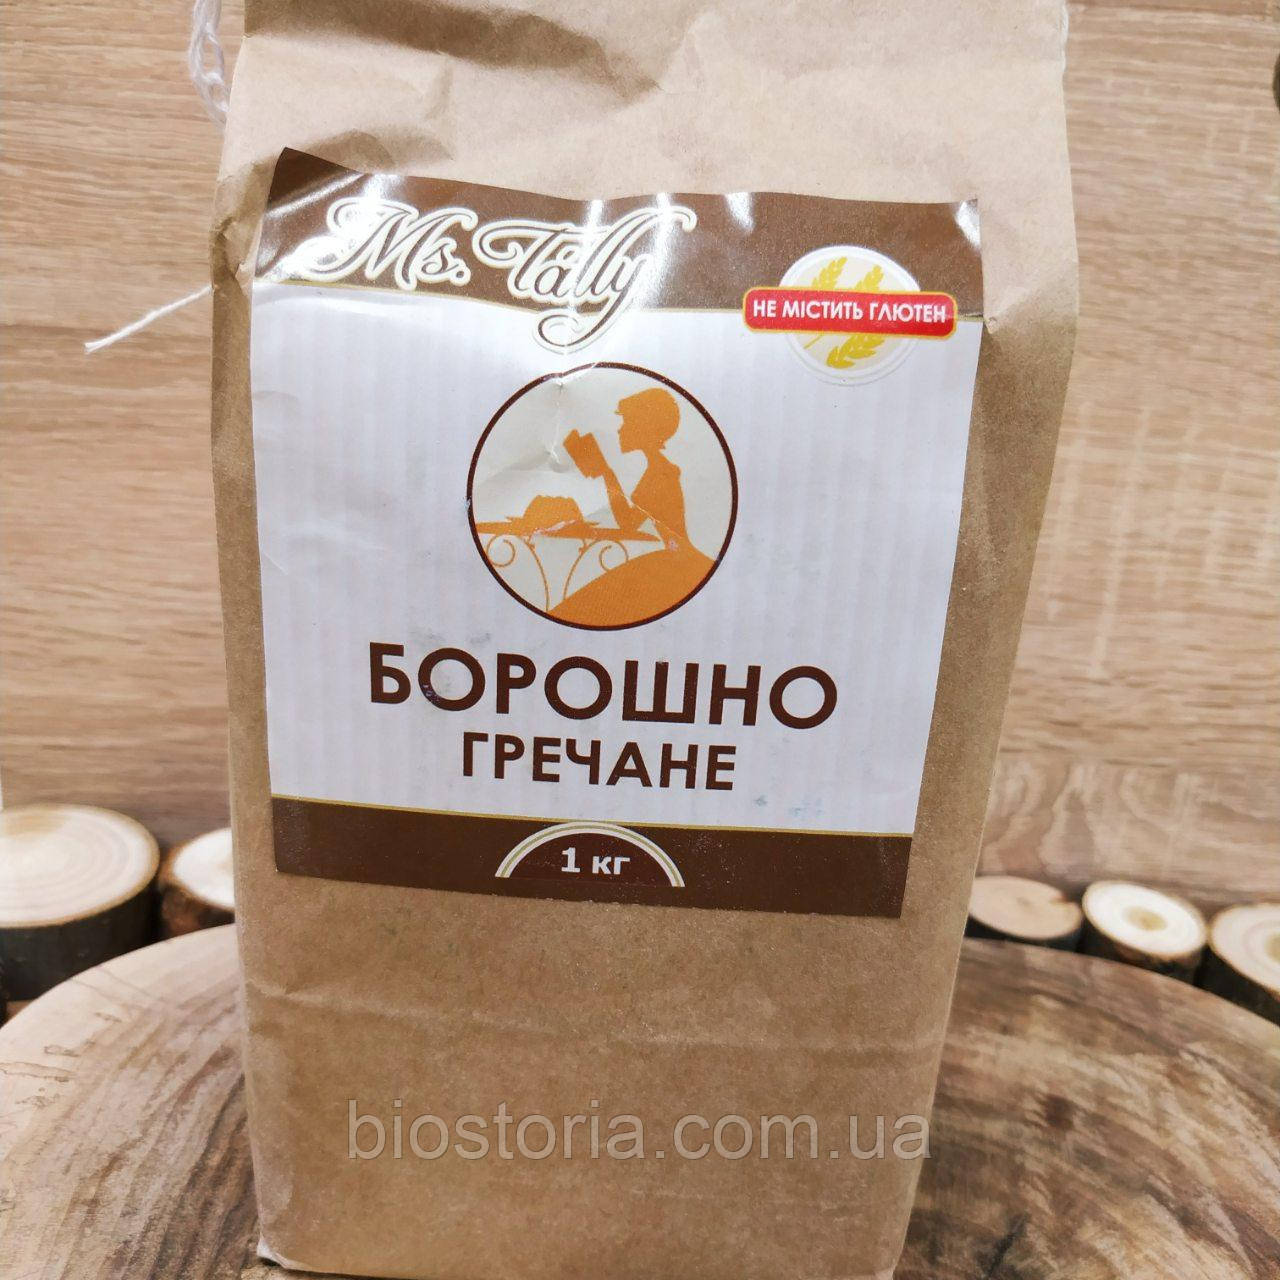 Мука гречневая без глютена Ms.Tally, 1кг.